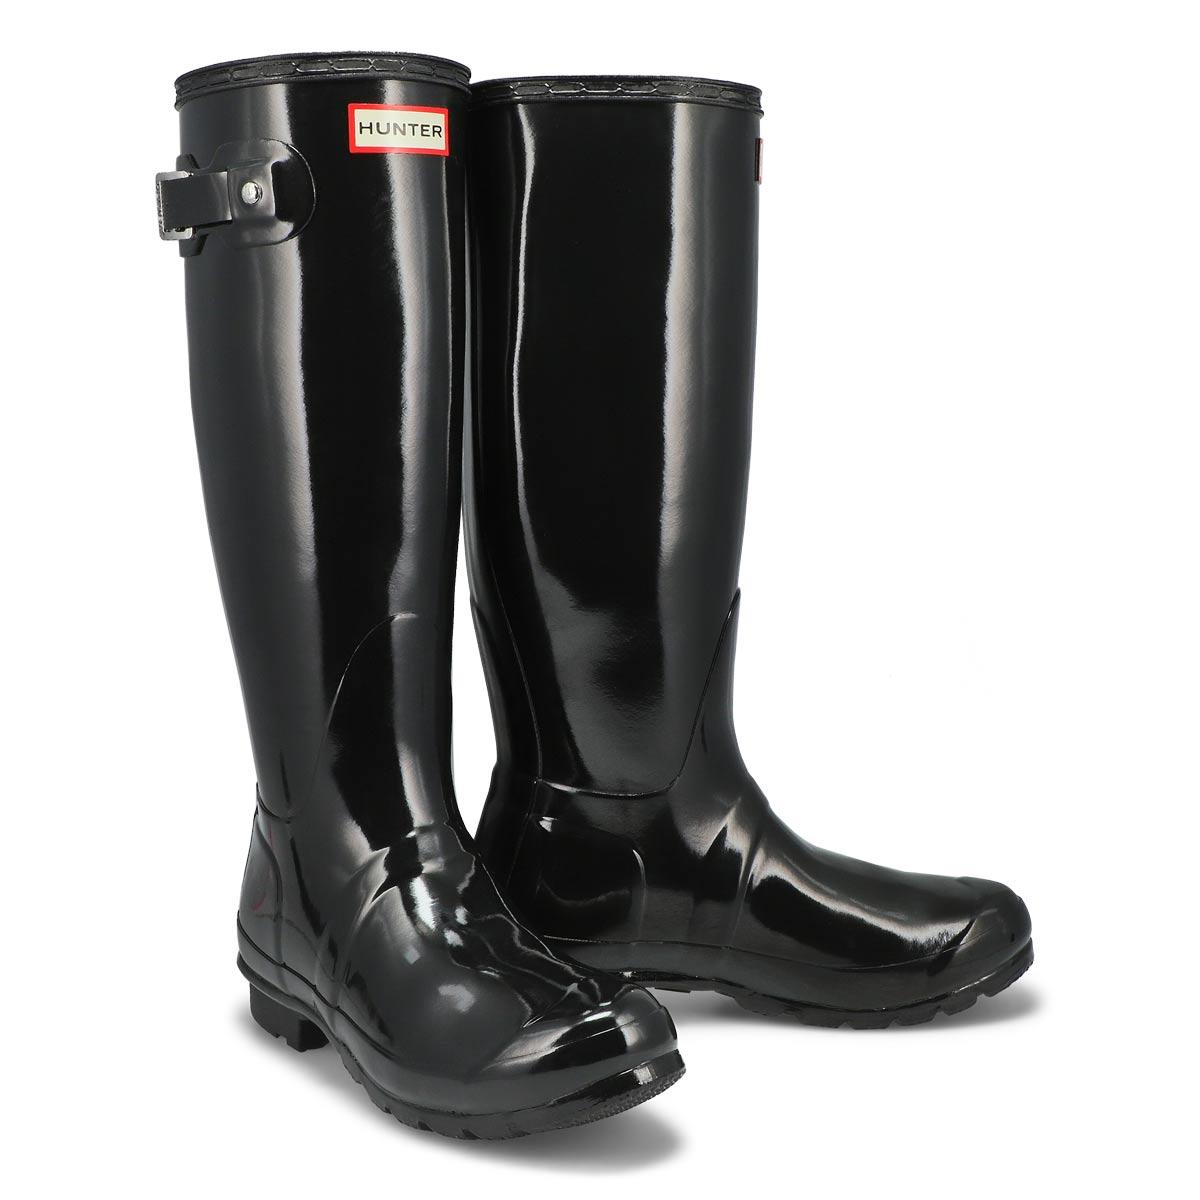 Lds Original Tall Gloss blk rain boot